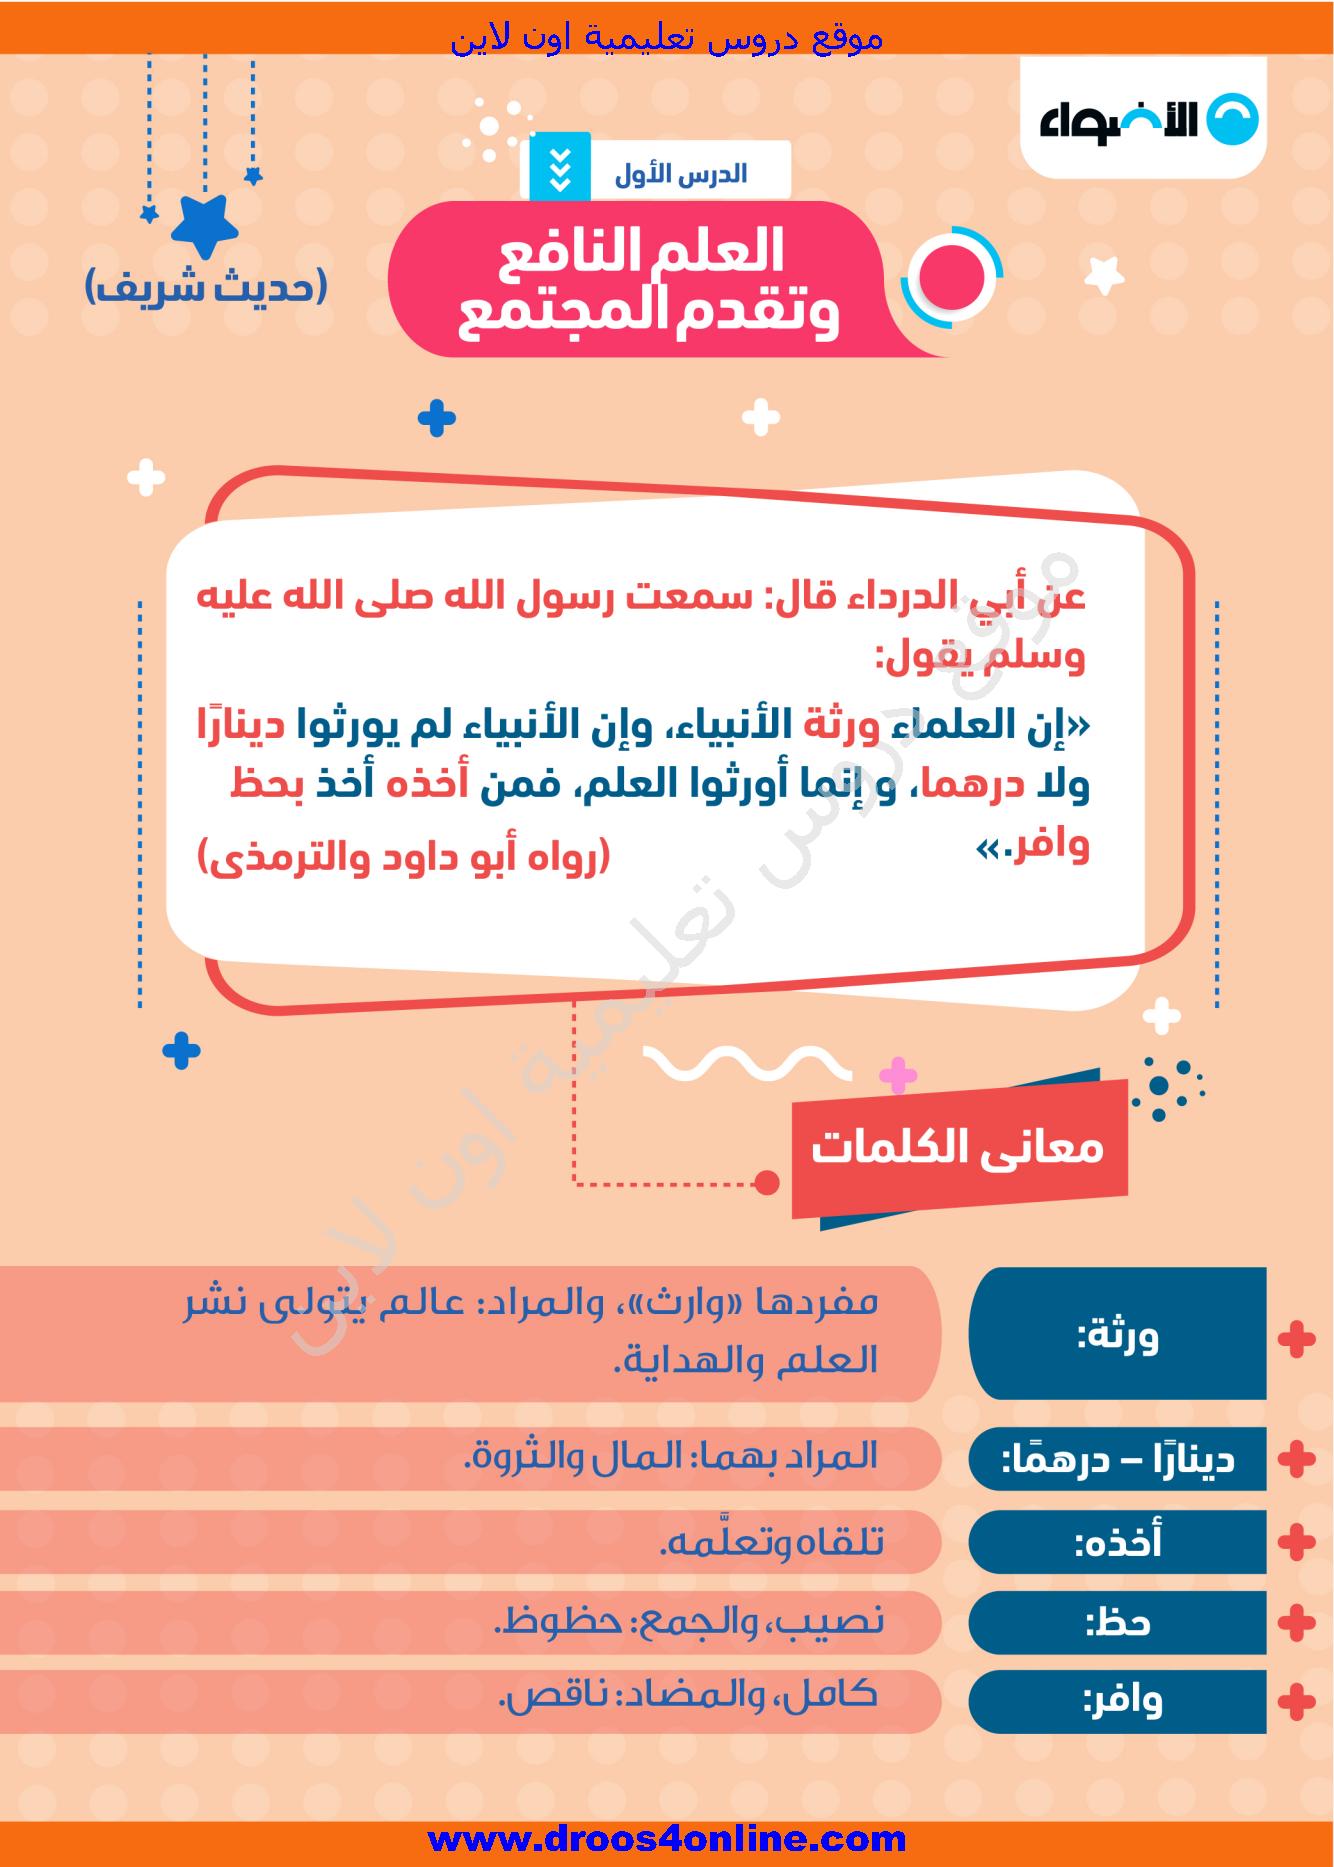 افضل مذكرة شرح لغة عربية (خرائط ذهنية) للصف الخامس الإبتدائى الترم الأول 2022 من الأضواء